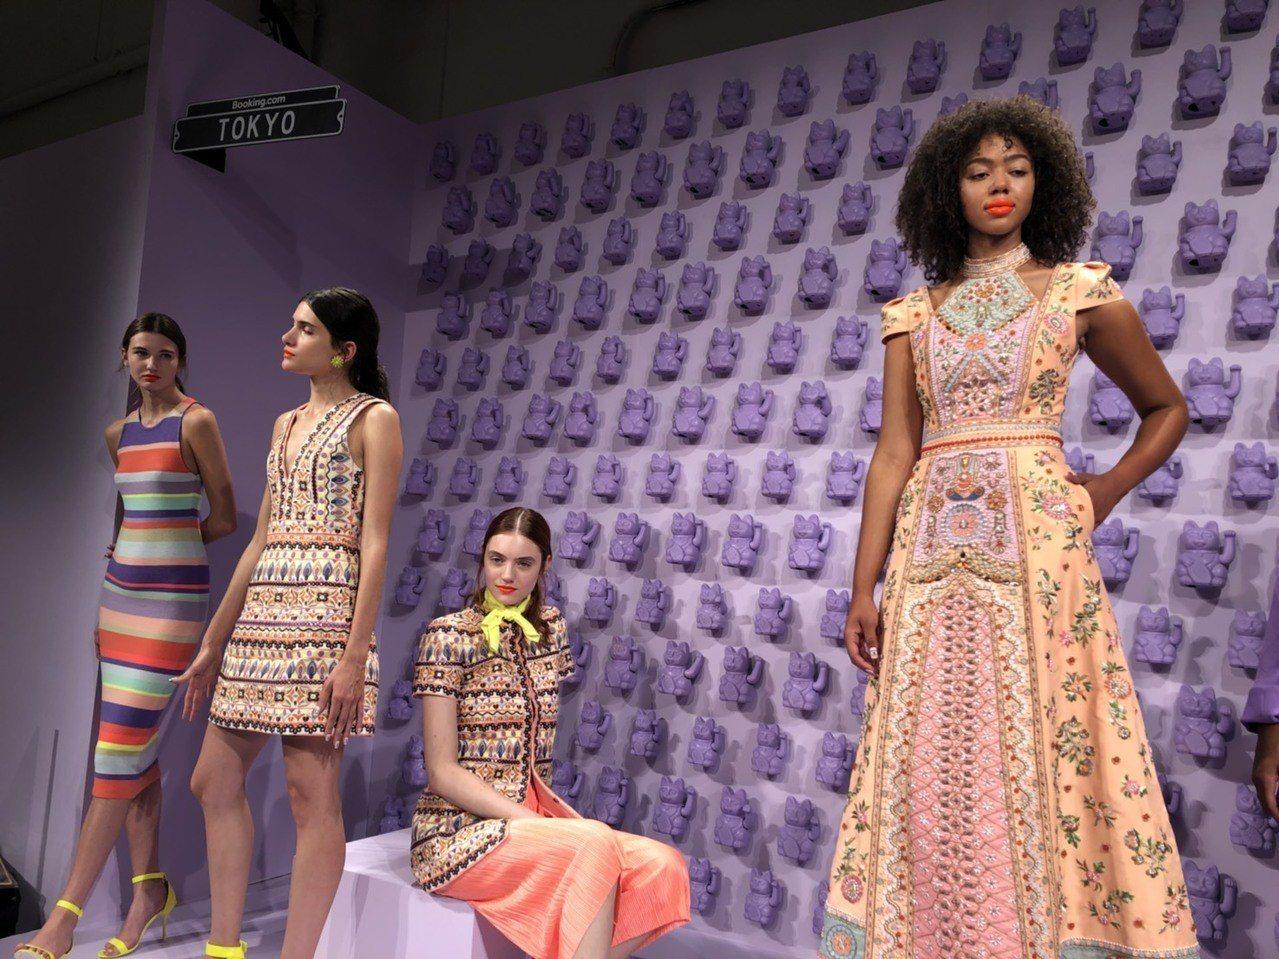 東京區的牆面是滿滿的薰衣草紫色招財貓。記者楊詩涵/攝影